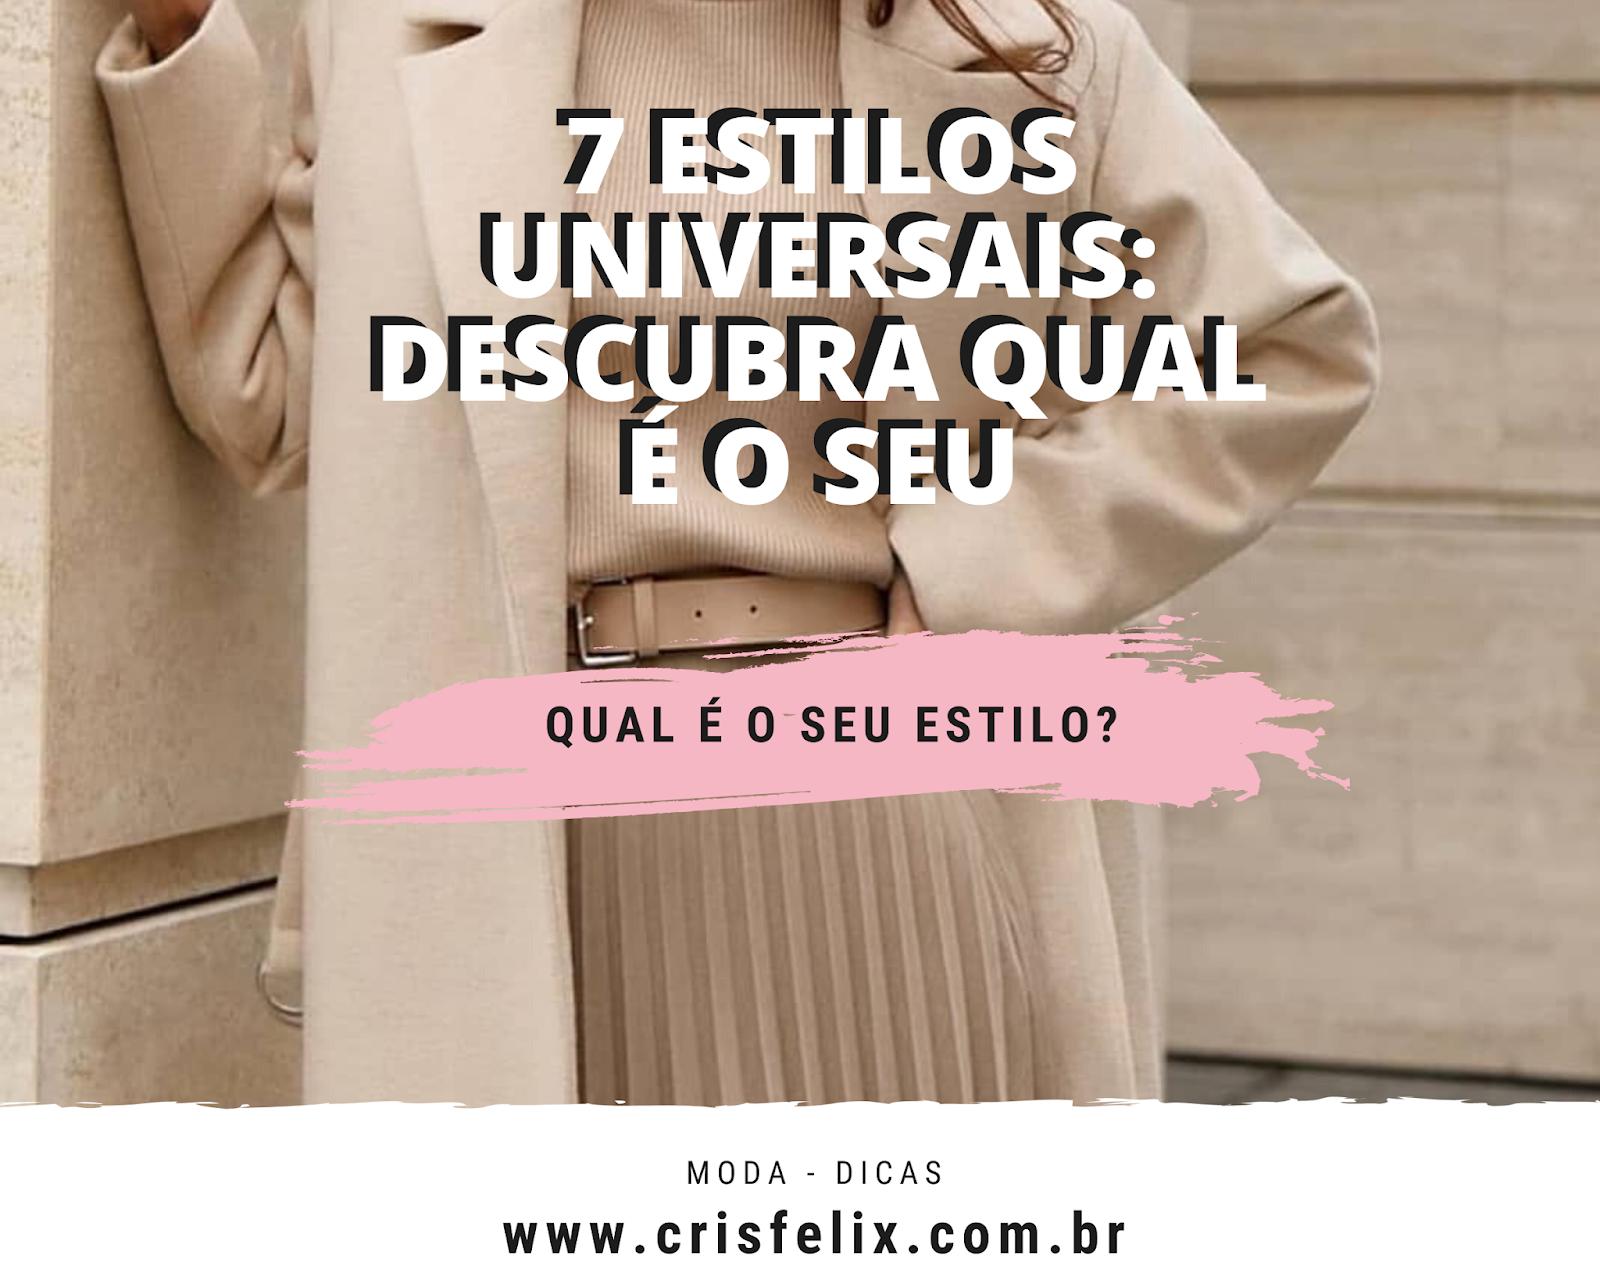 7 estilos universais